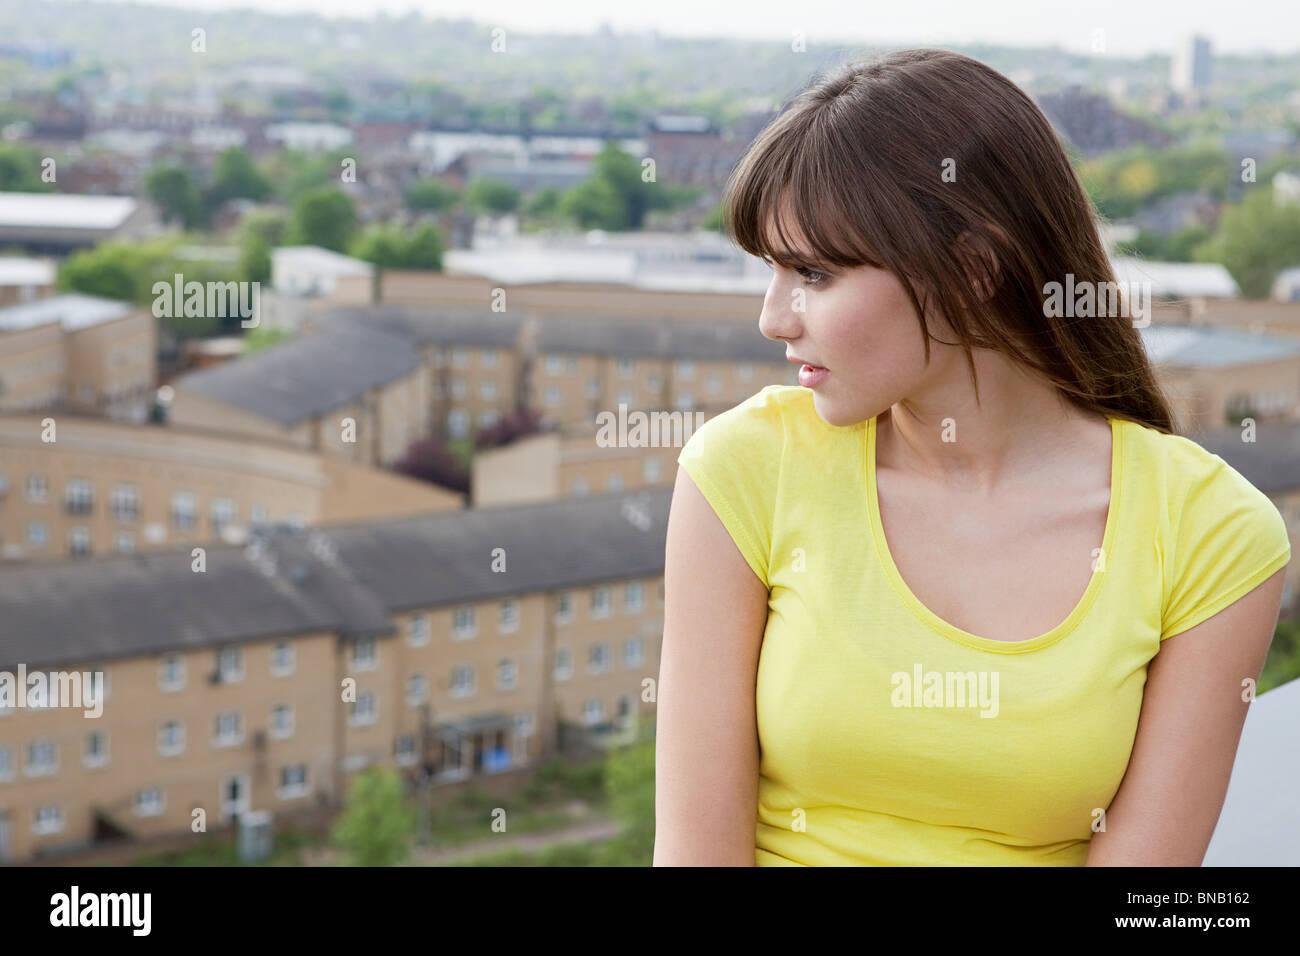 Junge Frau und städtisches Motiv im Hintergrund Stockbild